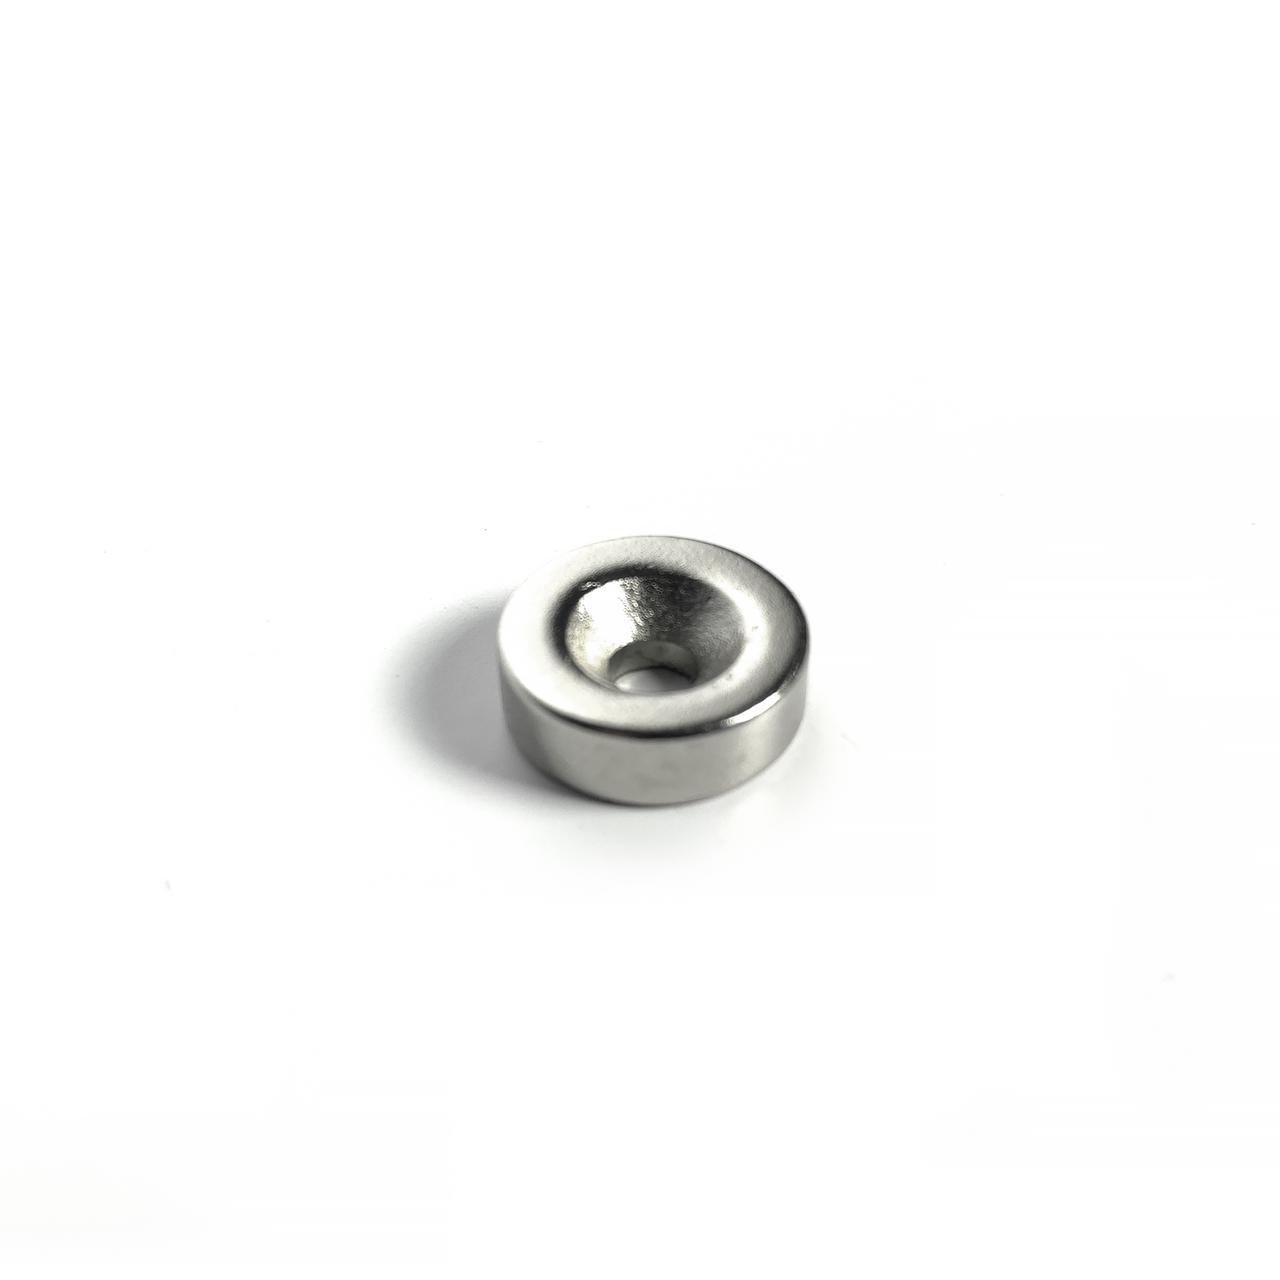 Магнит неодимовый с отверстием 15X5mm